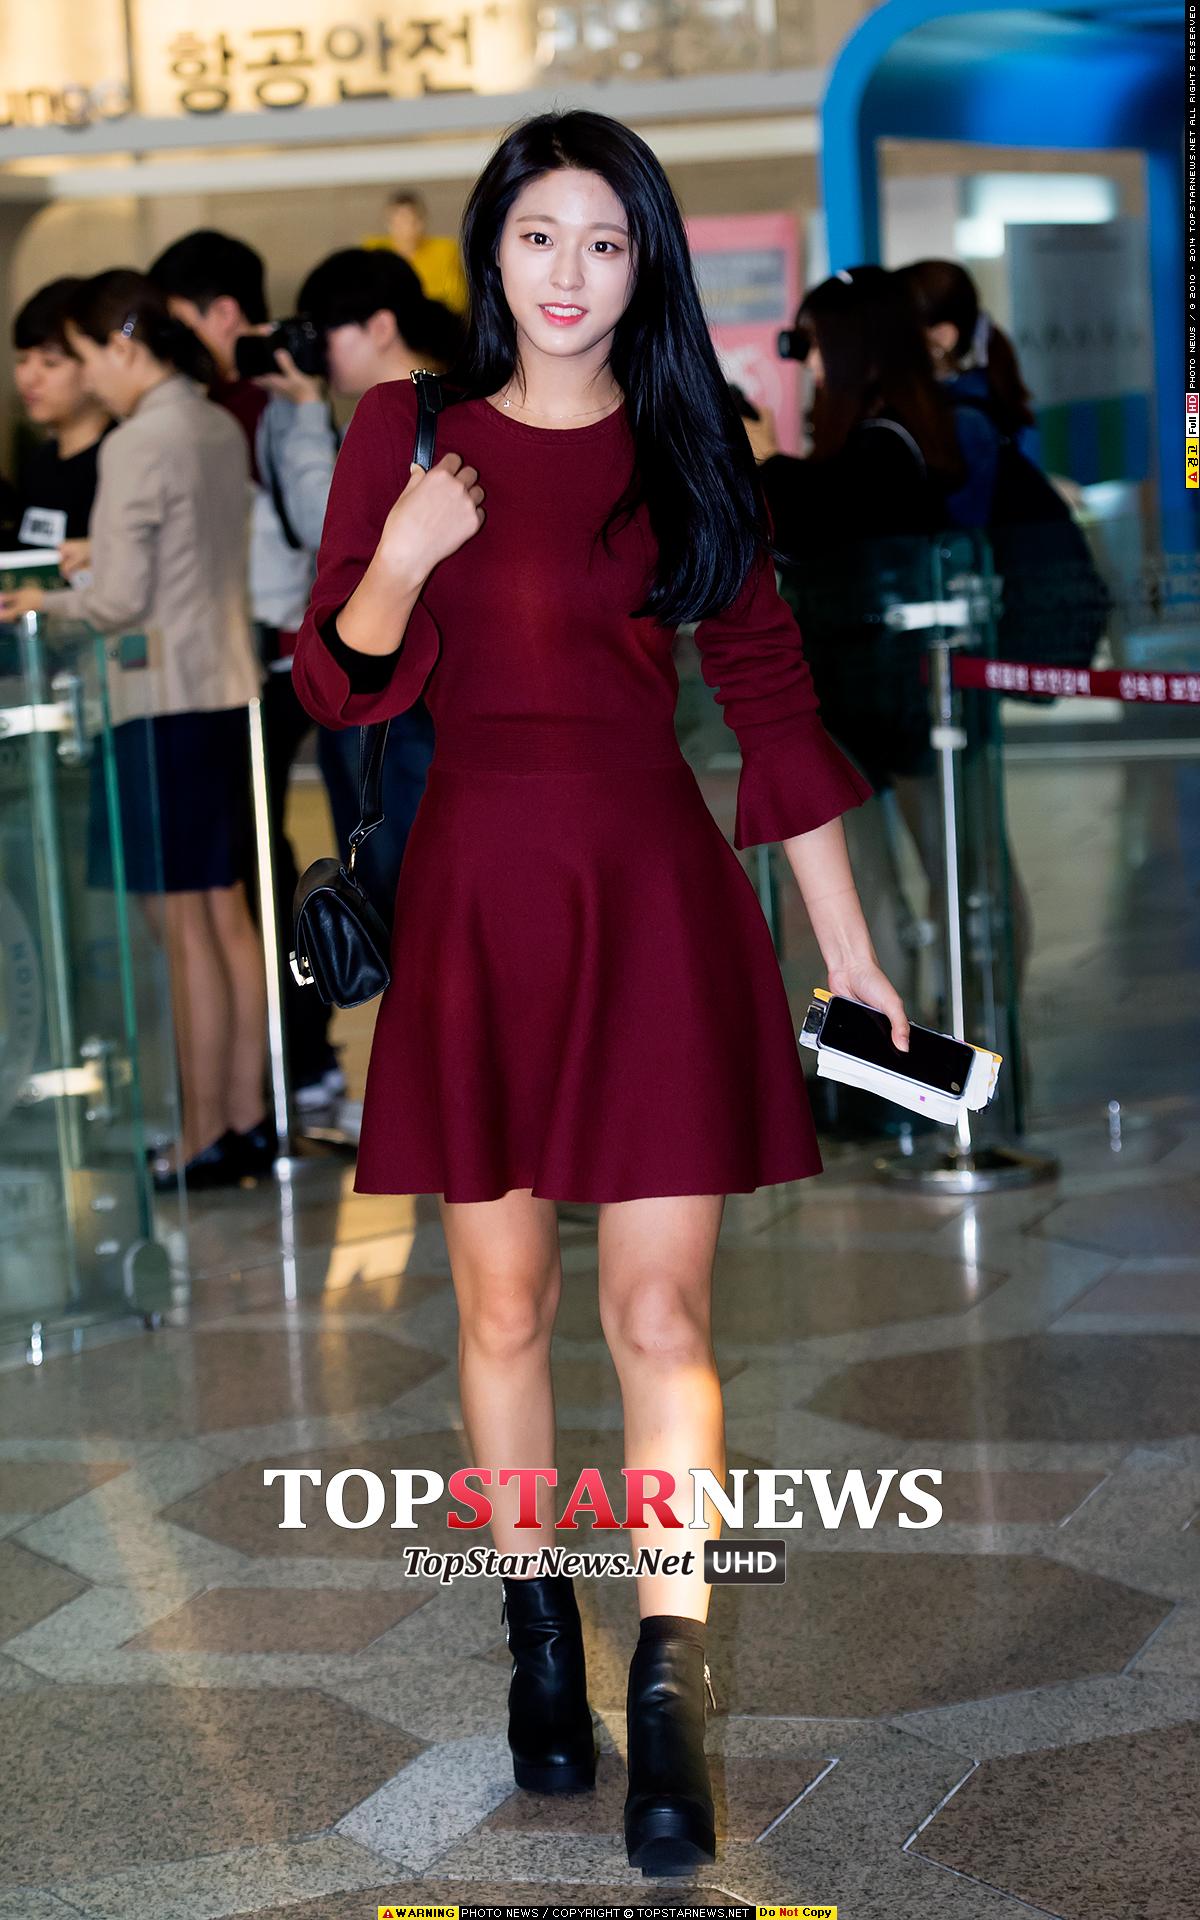 No. 5 AOA 雪炫 得票率8.8% 雪炫也是因為演出電視劇後讓人發現她的無敵美貌,是說她跟娜恩不管是外型、演藝圈發展的狀況都非常類似,可以說是女神勁敵囉~(但都是女神)